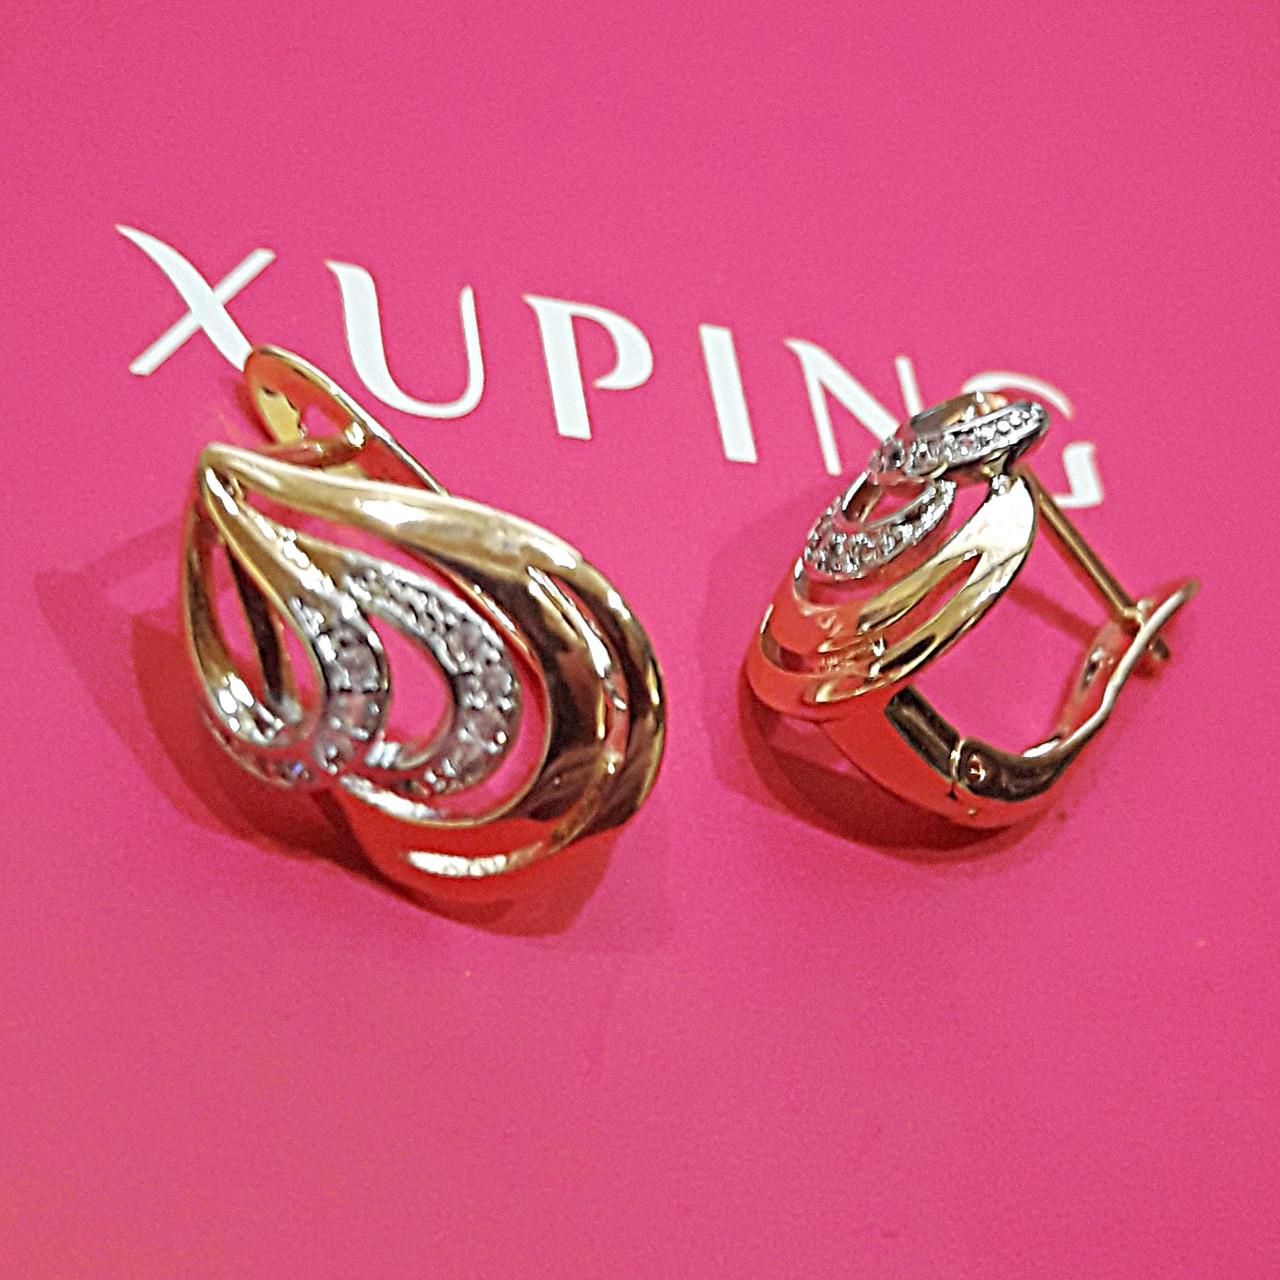 Серьги Xuping позолота 18К+родий  длина 1.5см ширина 10мм медзолото с1099